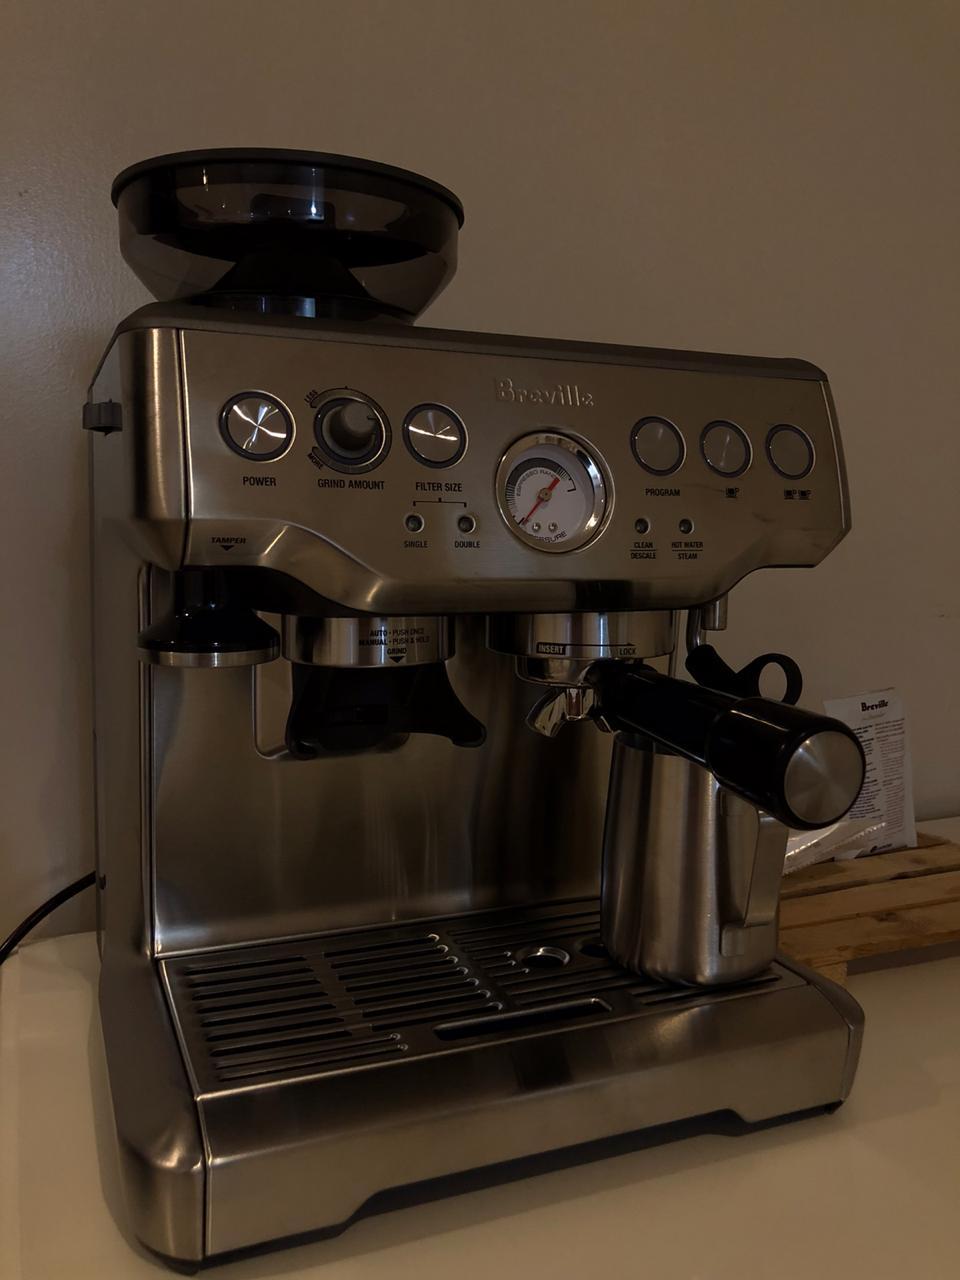 مكينة بريفيل باريستا للبيع حراج القهوة مجتمع القهوة